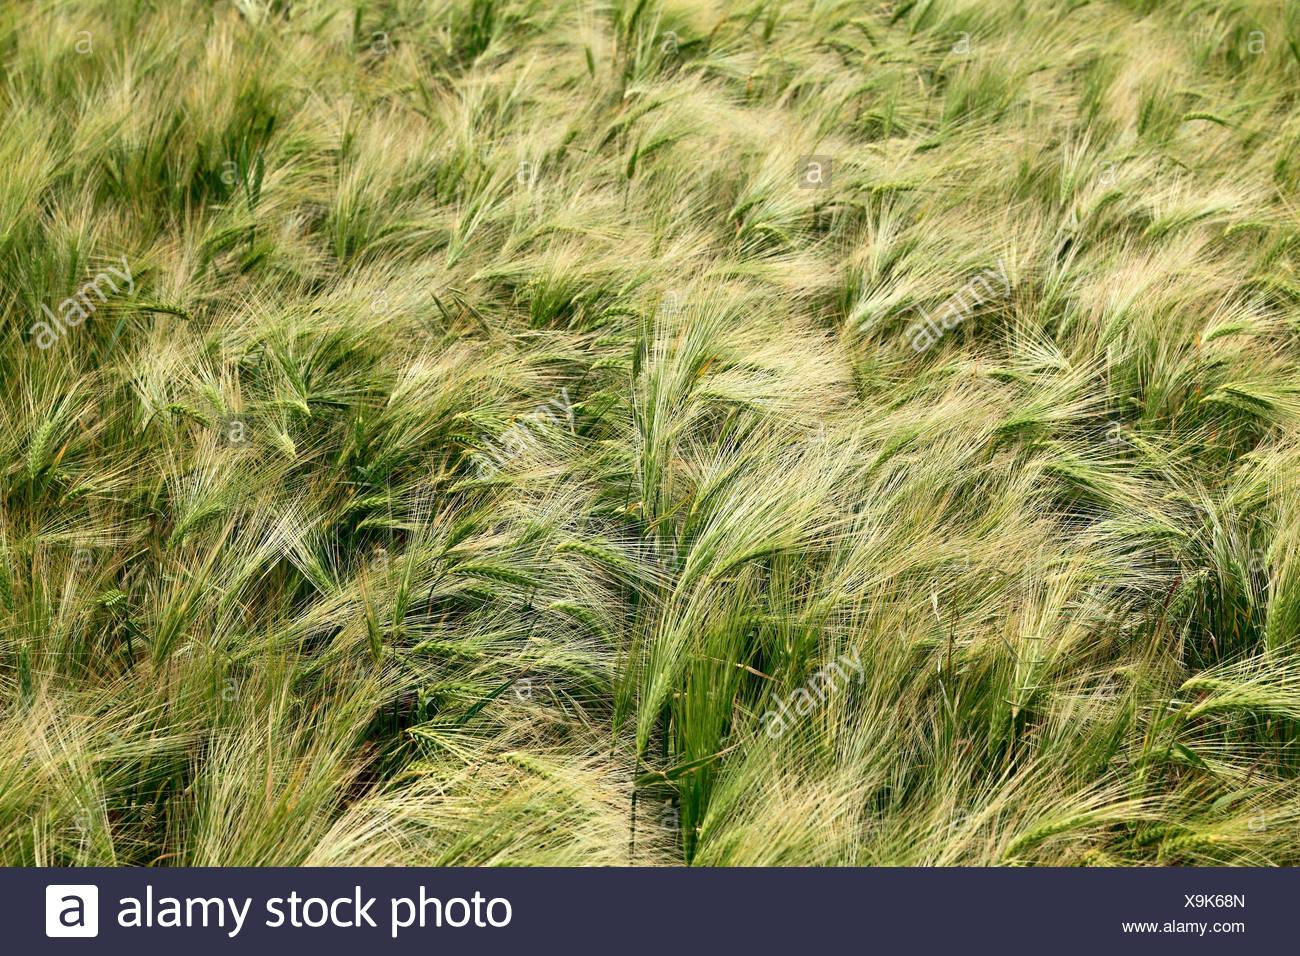 Champ d'orge, Hordeum vulgare, de l'agriculture les champs de culture England UK Photo Stock